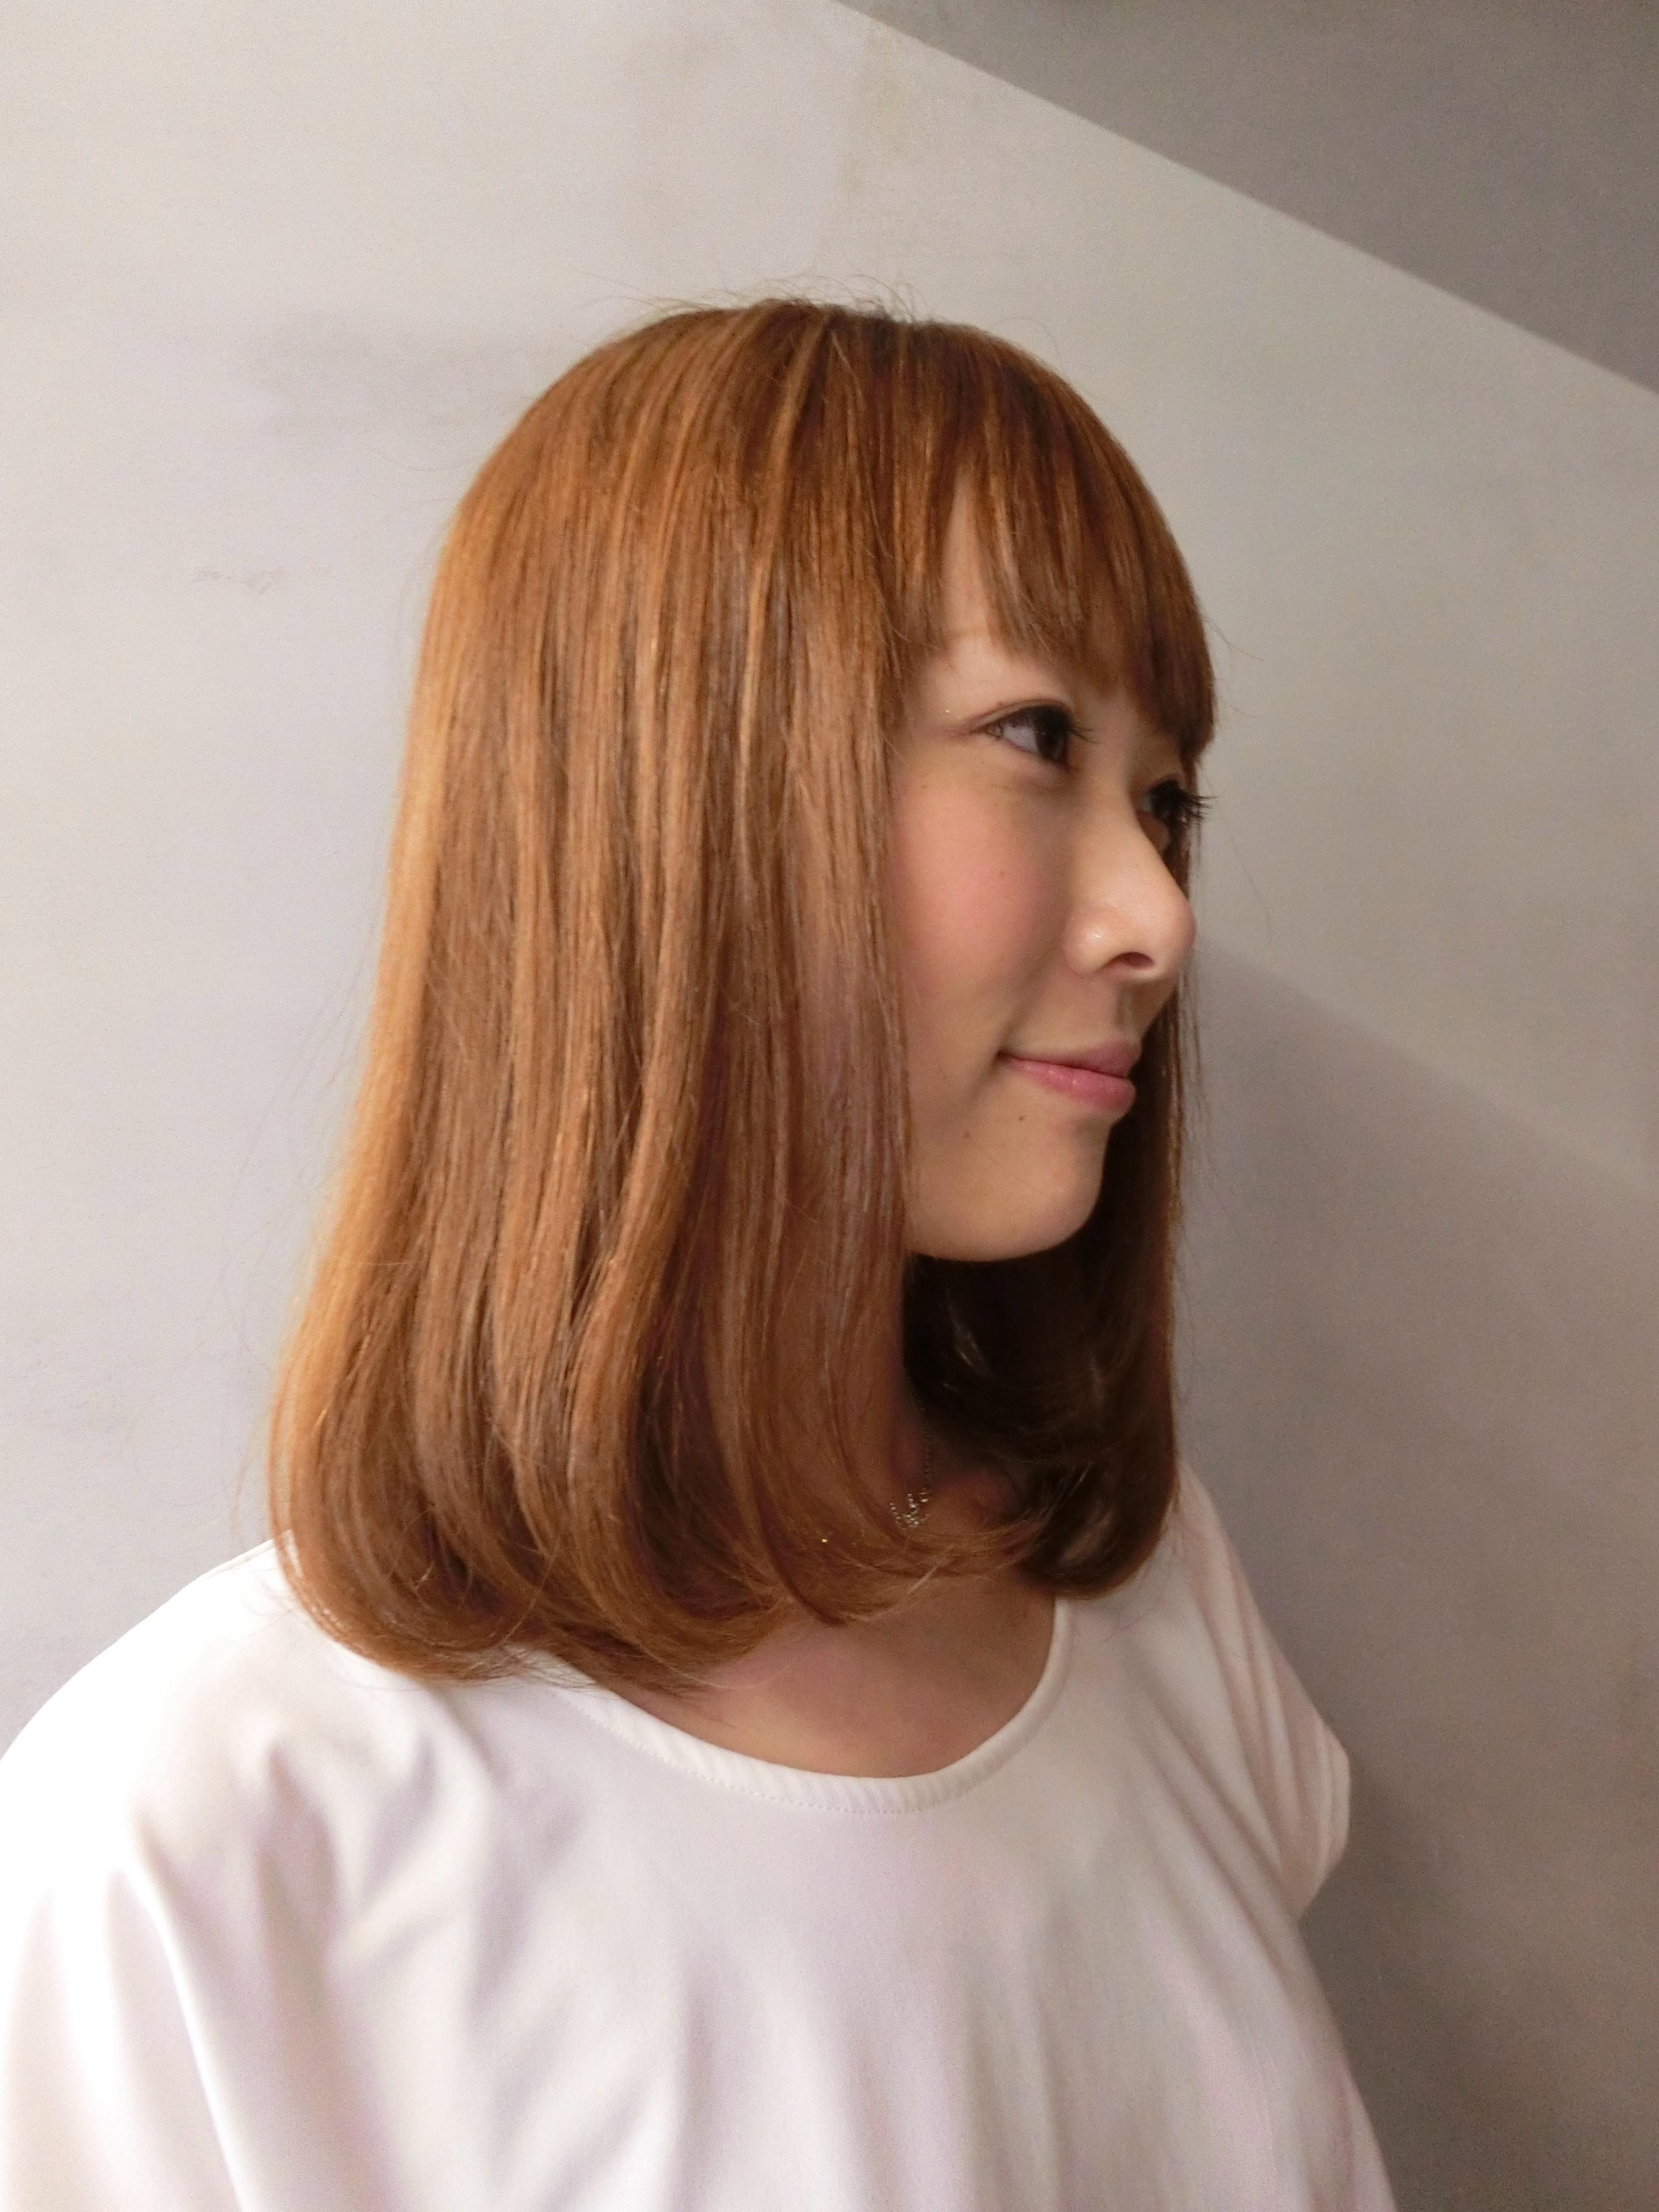 2.stylist hiromi